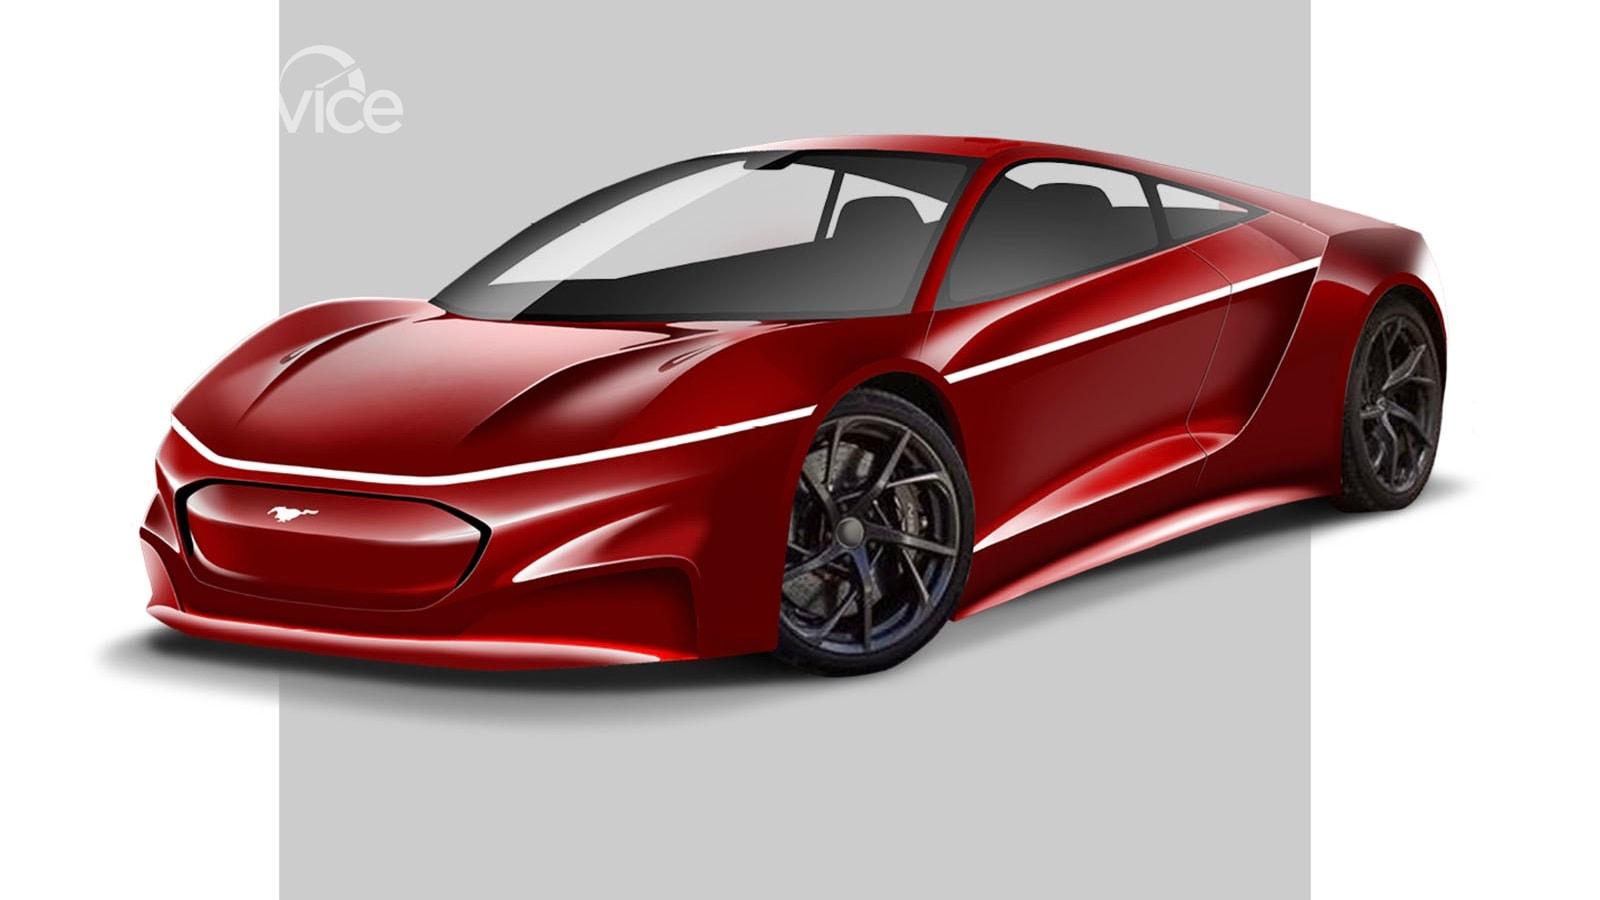 Ford Mustang sẽ chạy hoàn toàn bằng điện vào năm 2029 - báo cáo - 1/2